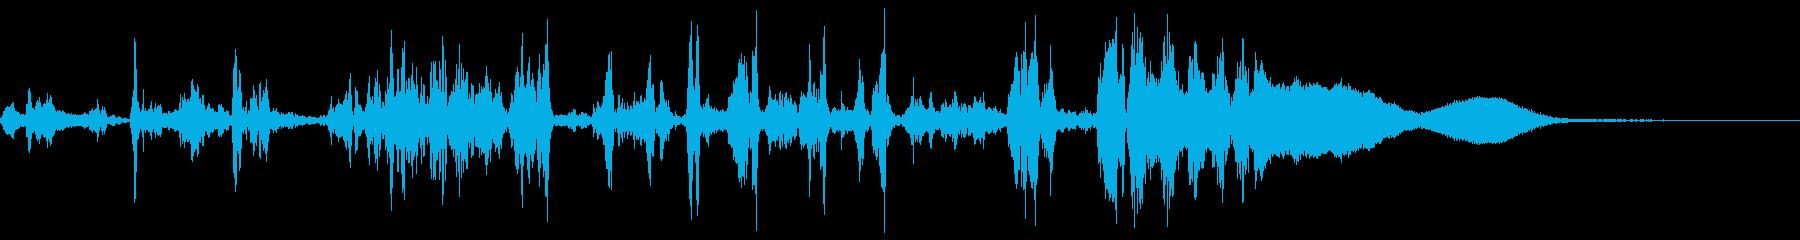 ロボットの混乱、コミュニケーションの再生済みの波形